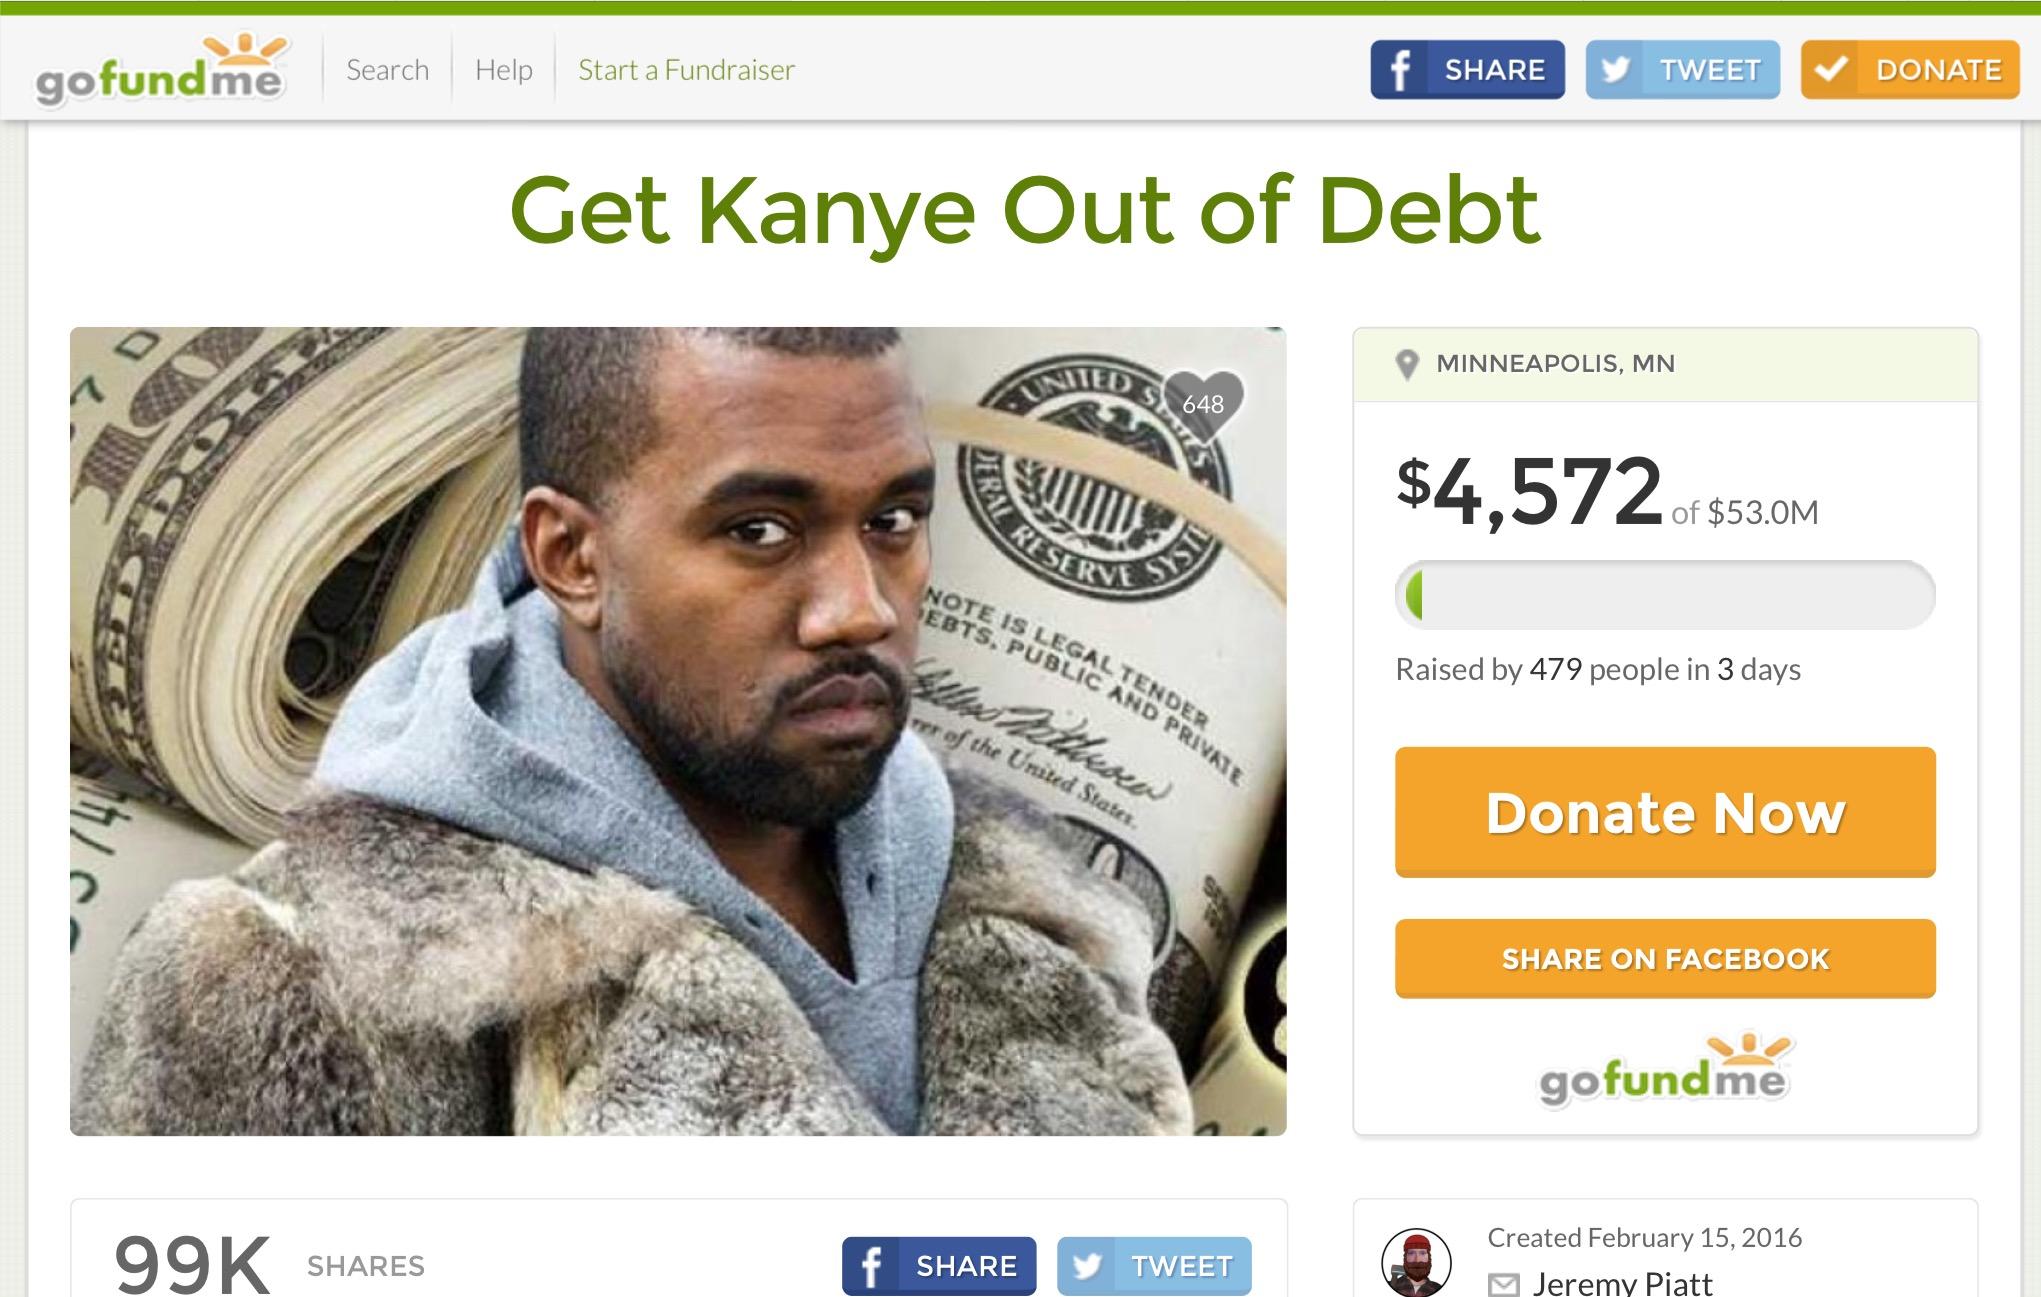 Kanye GoFundMe page